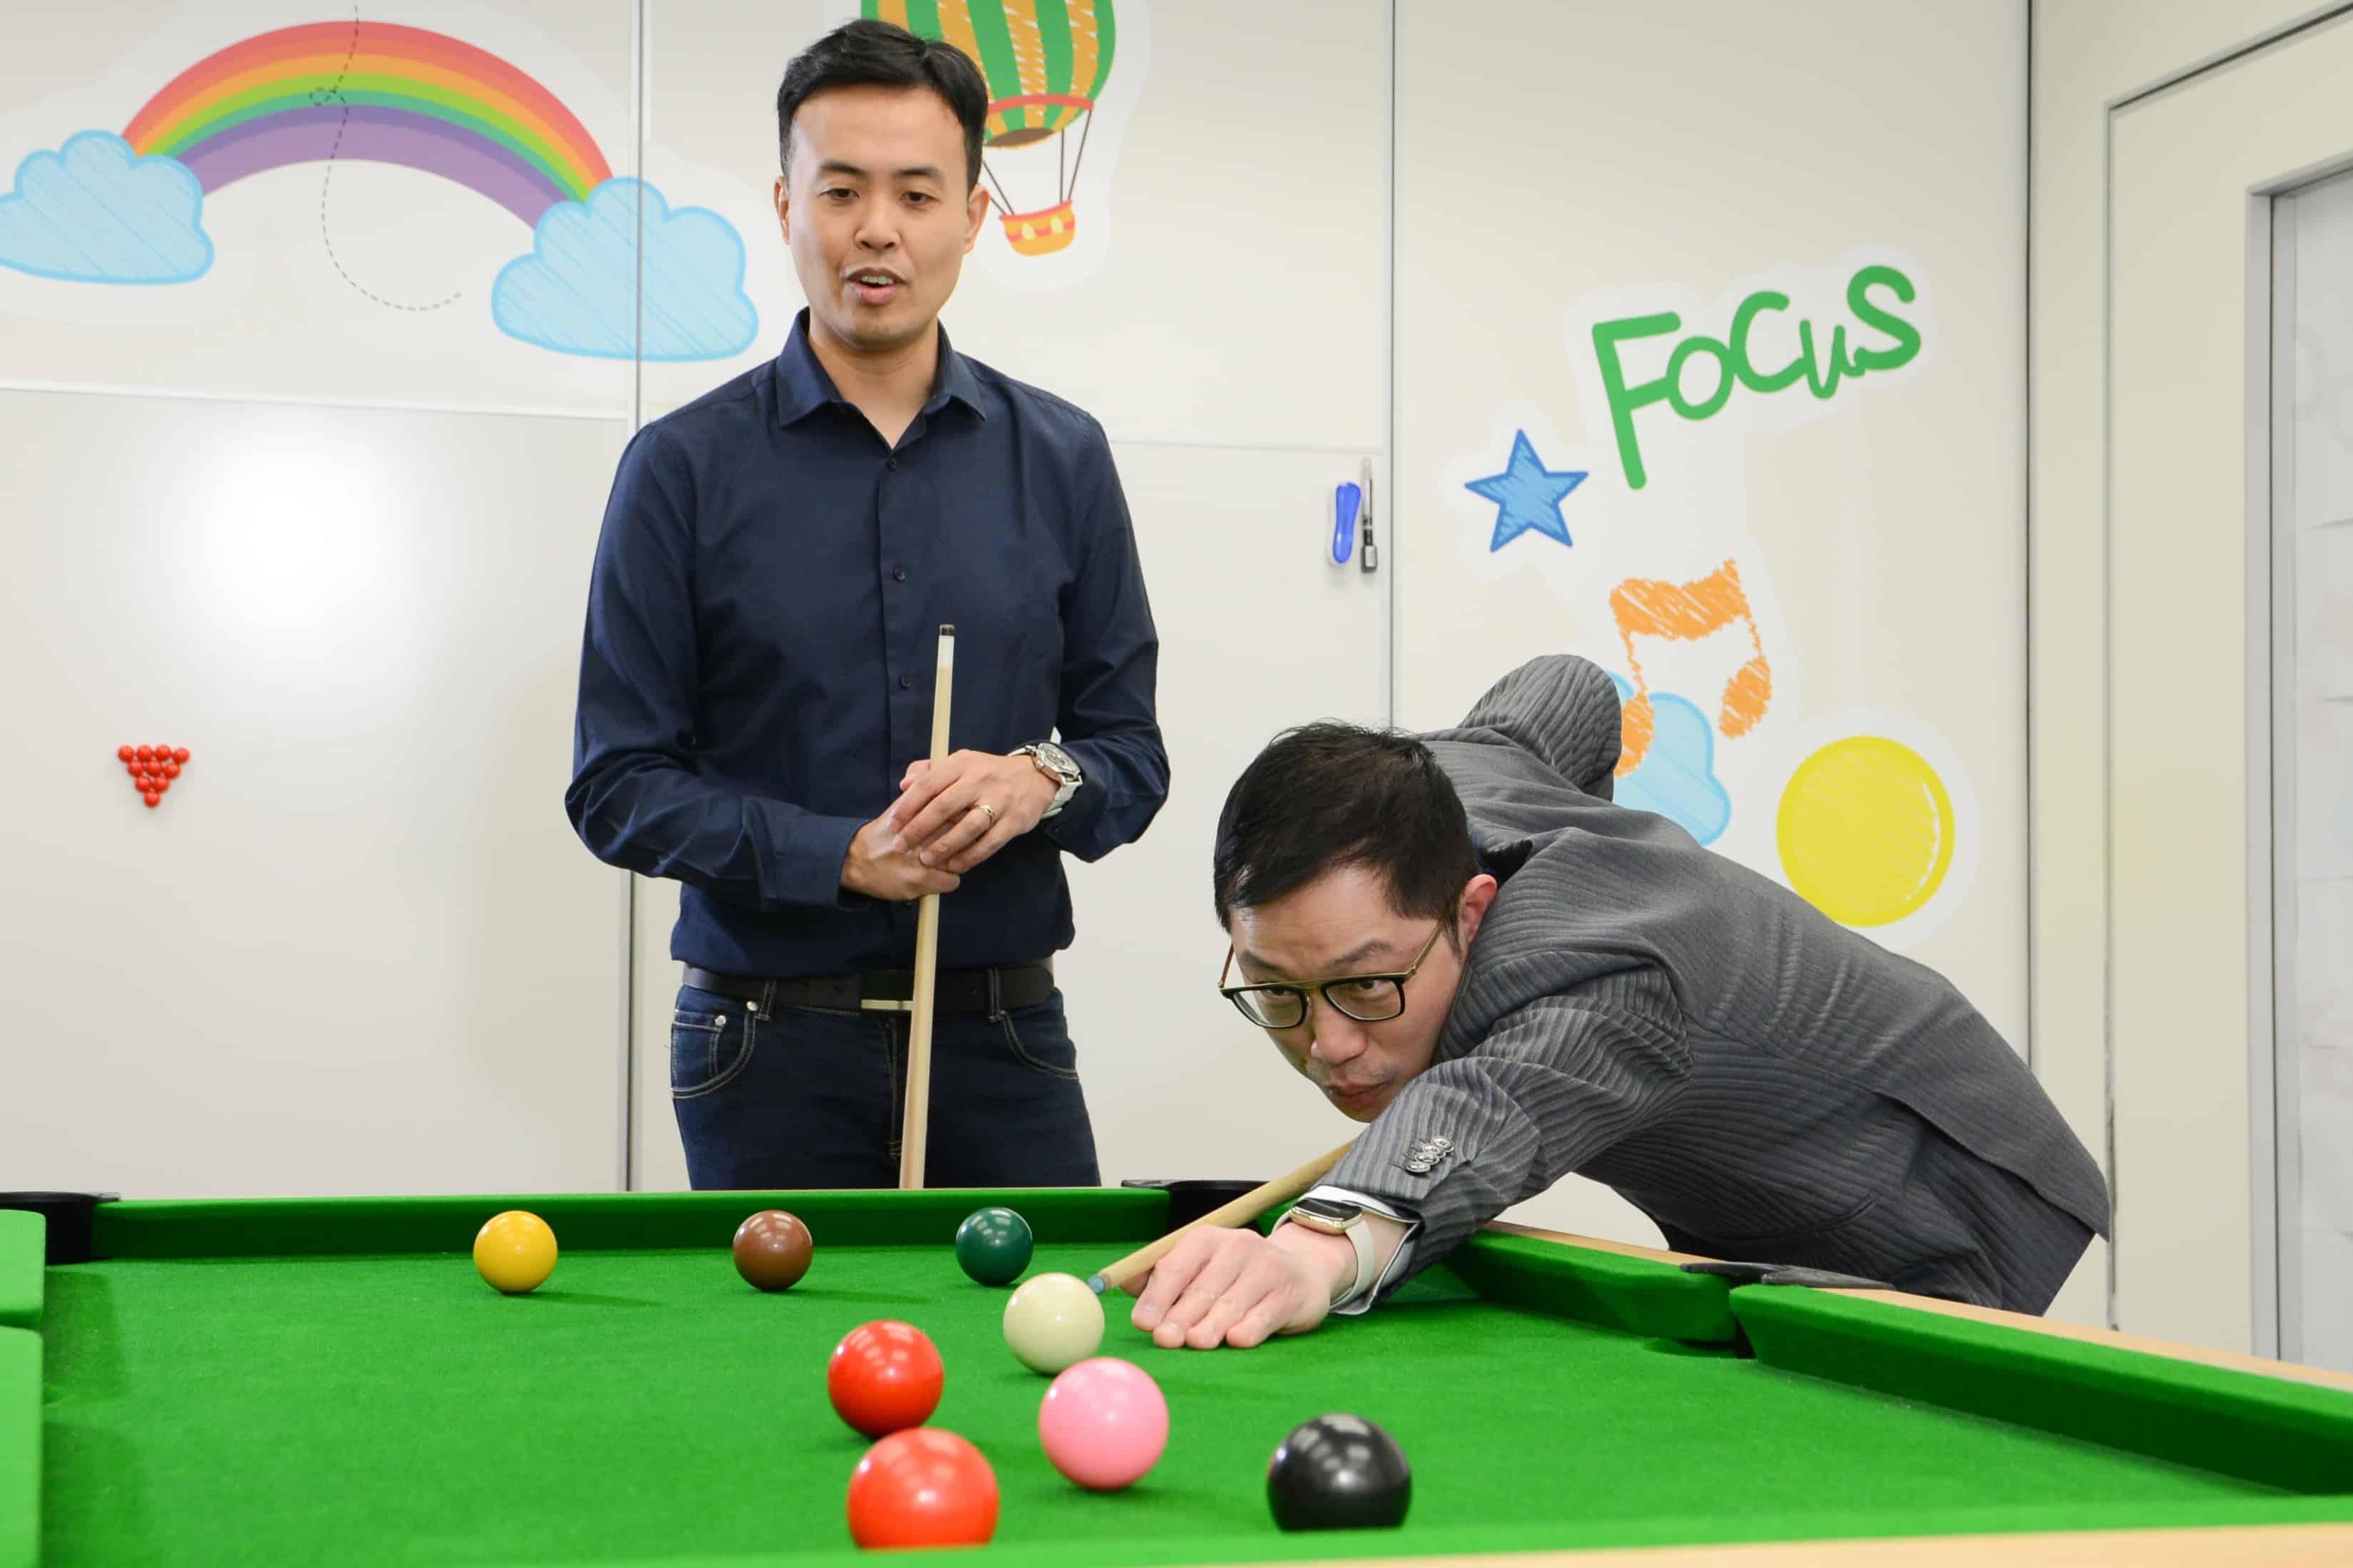 【青光眼】與深近視息息相關?小心青光眼來襲 教你瞄準桌球兼護眼之道